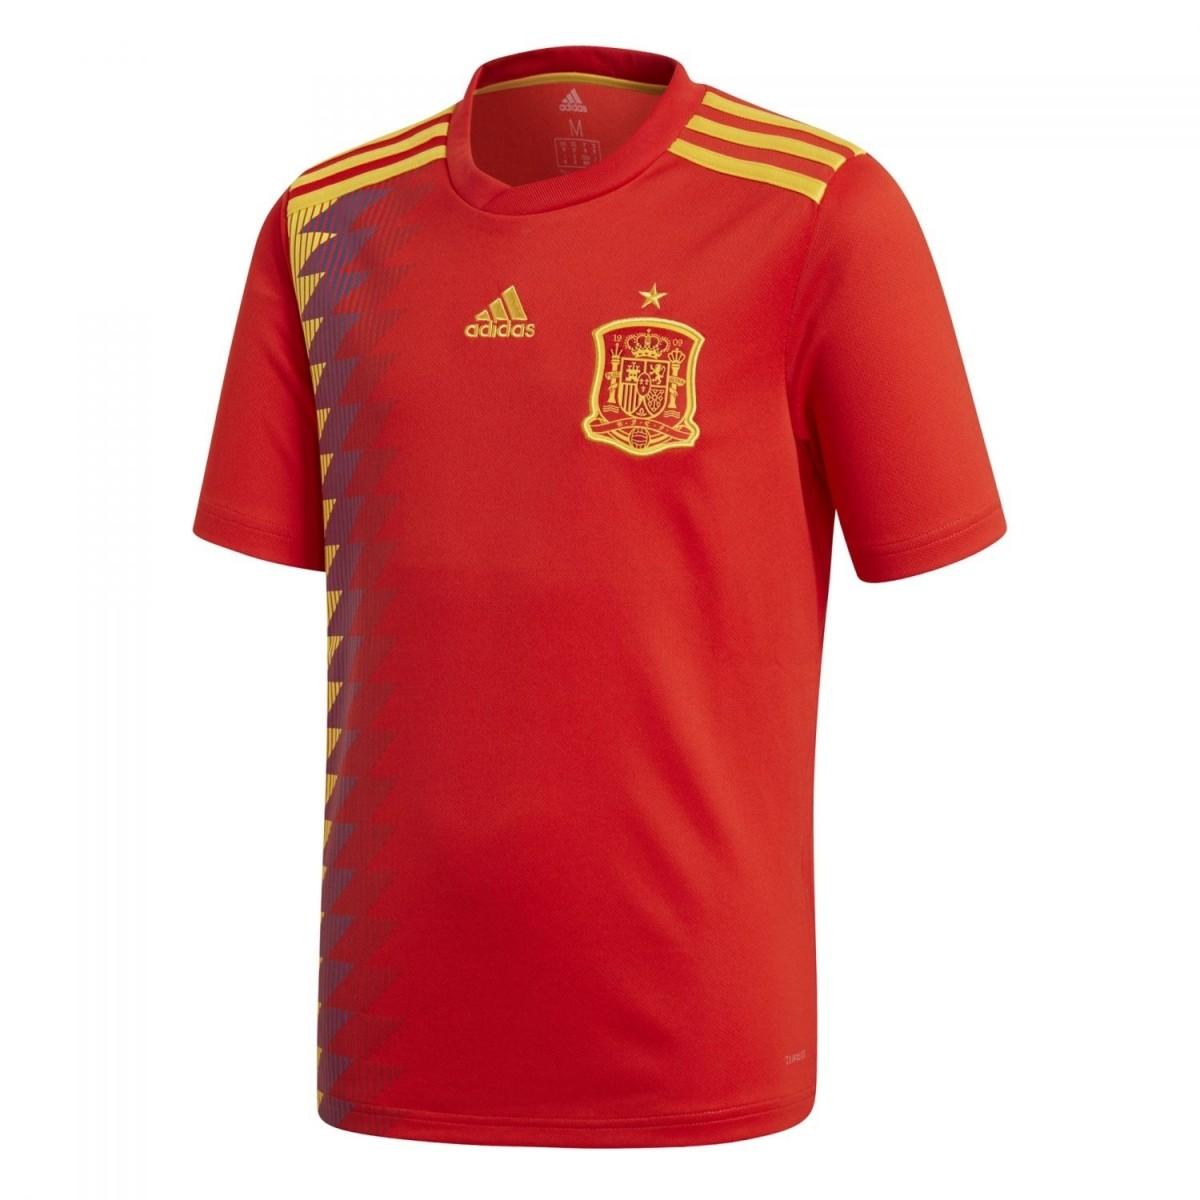 adidas Spanien Heimtrikot Kinder Home WM 2018 rot gold